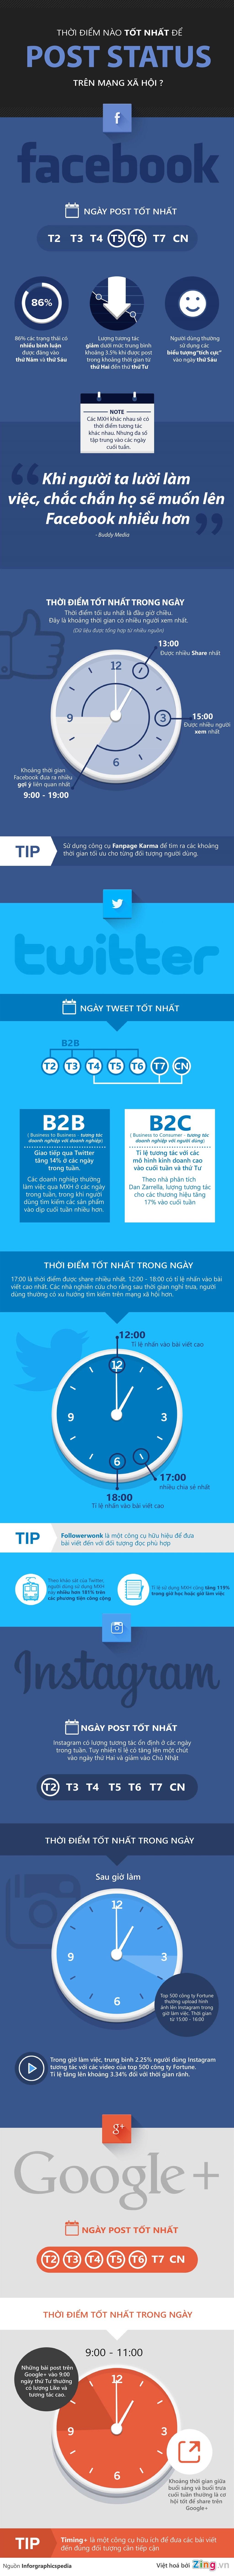 Thời điểm đăng bài trên mạng xã hội